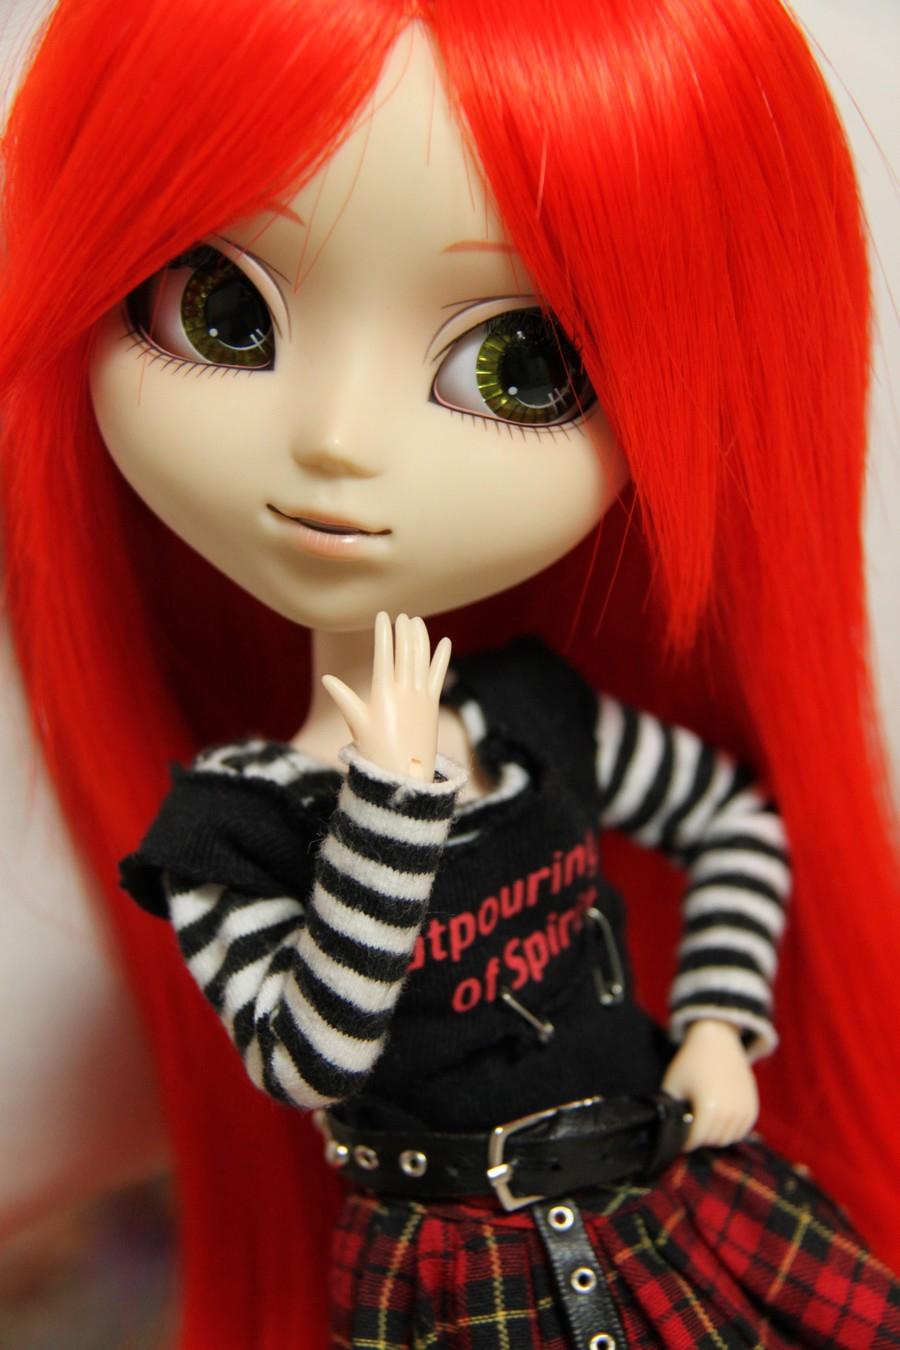 Mundo cor de rosa: bonecas rockeiras e patricinhas Avril Lavigne